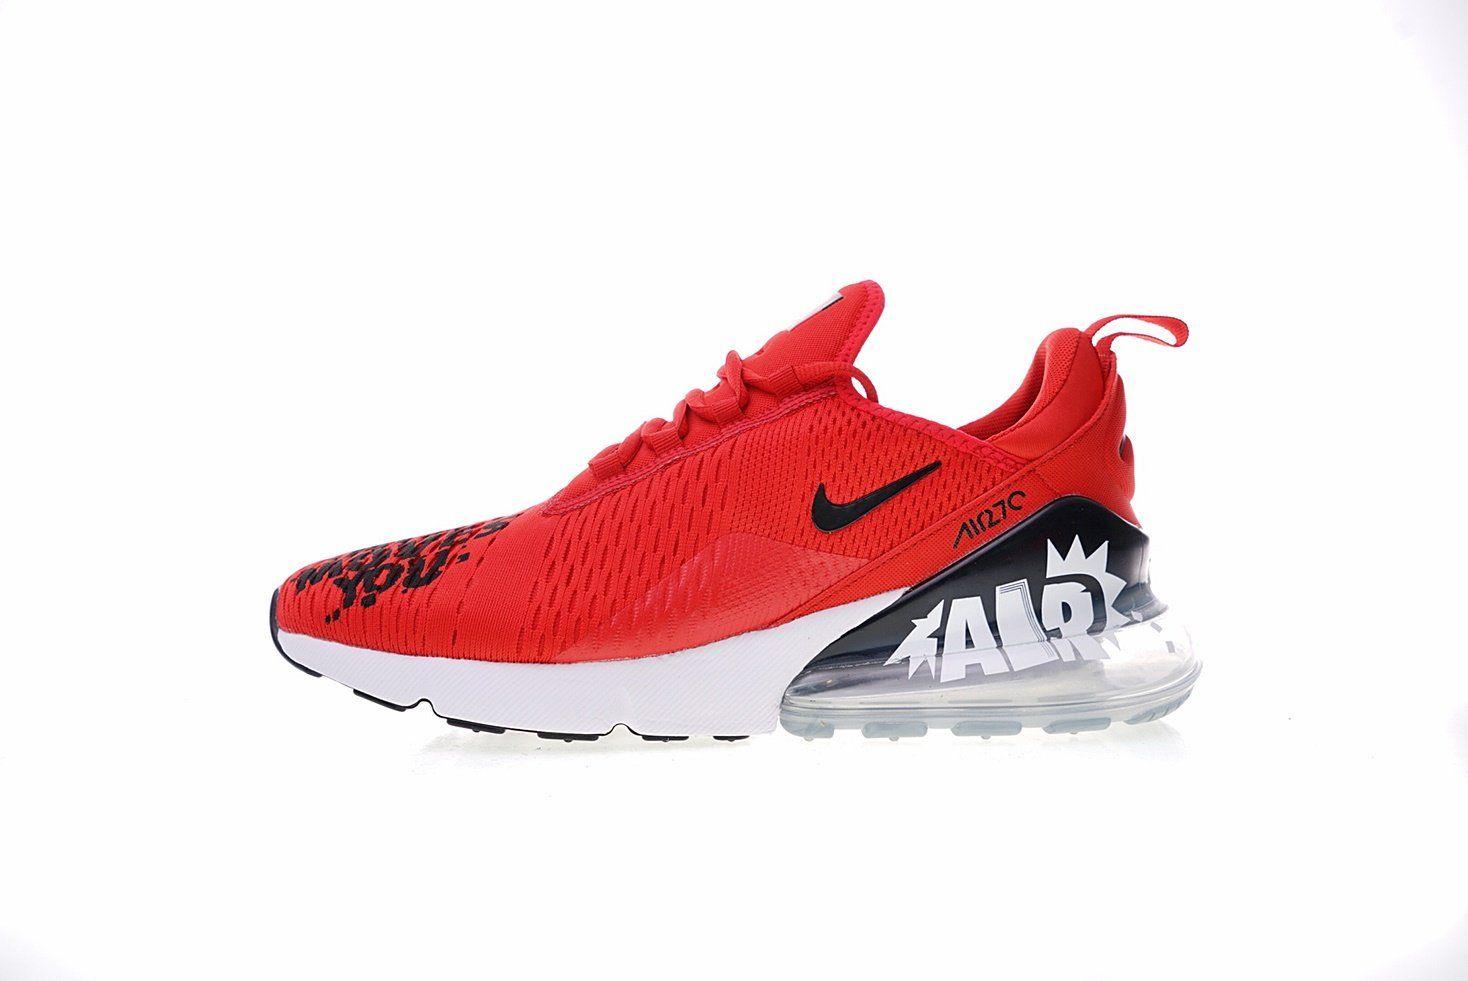 Nike iD Air Max 270